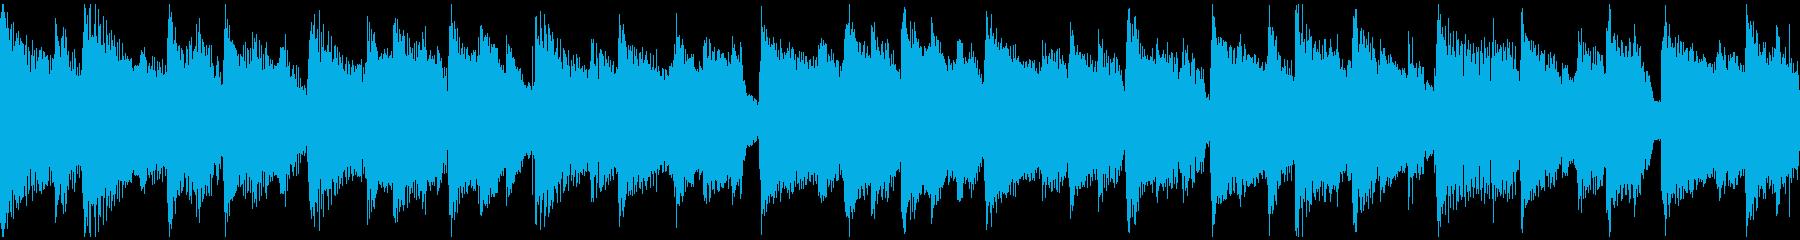 リラックスムードのアコースティックの再生済みの波形